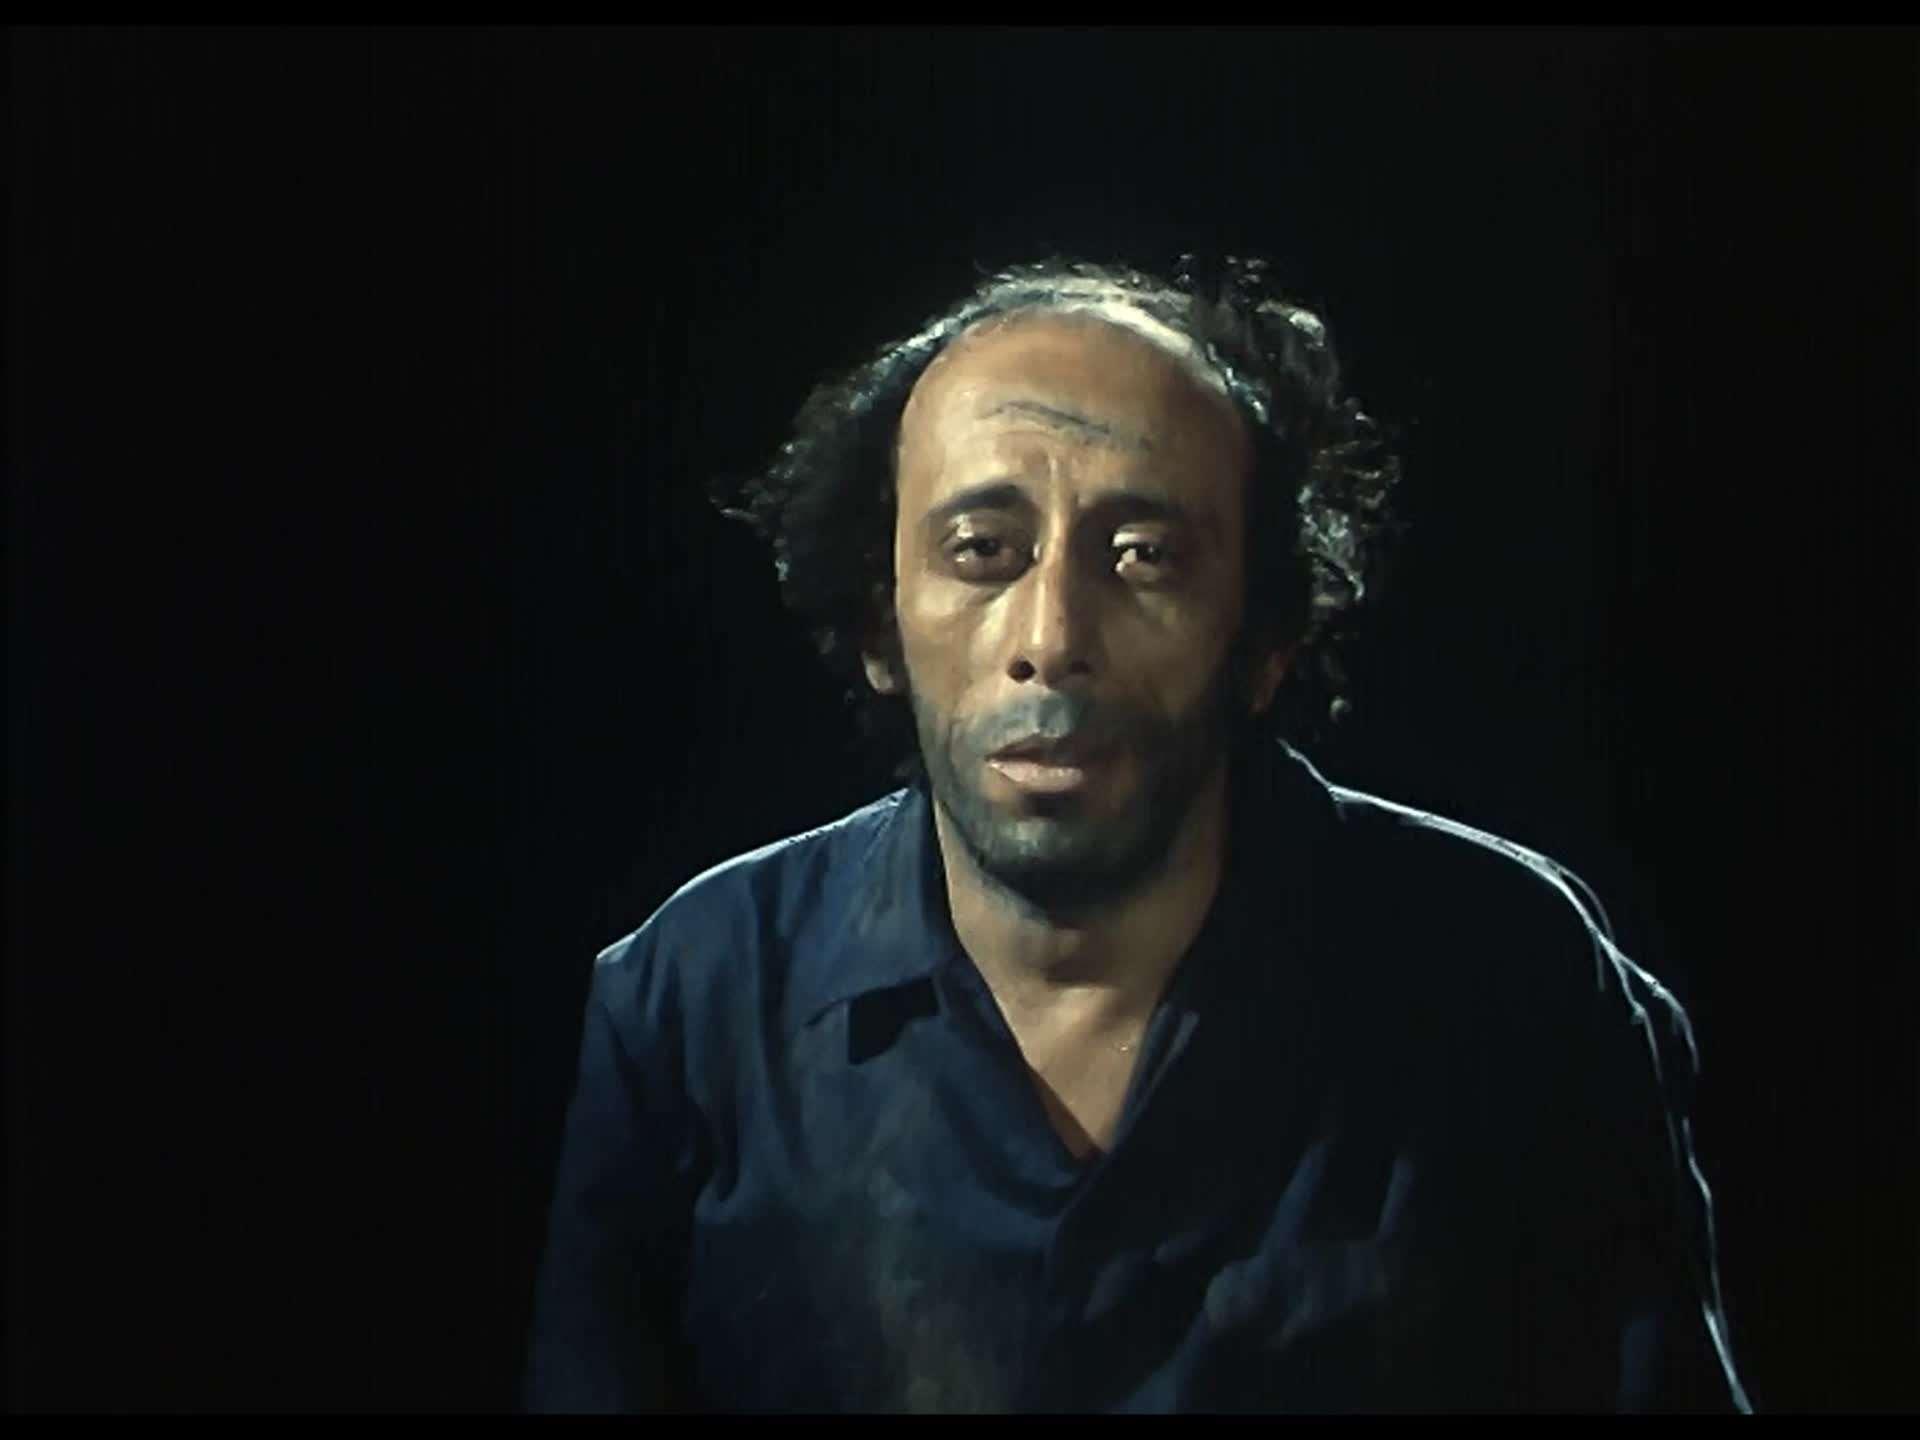 [فيلم][تورنت][تحميل][وراء الشمس][1978][1080p][Web-DL] 12 arabp2p.com